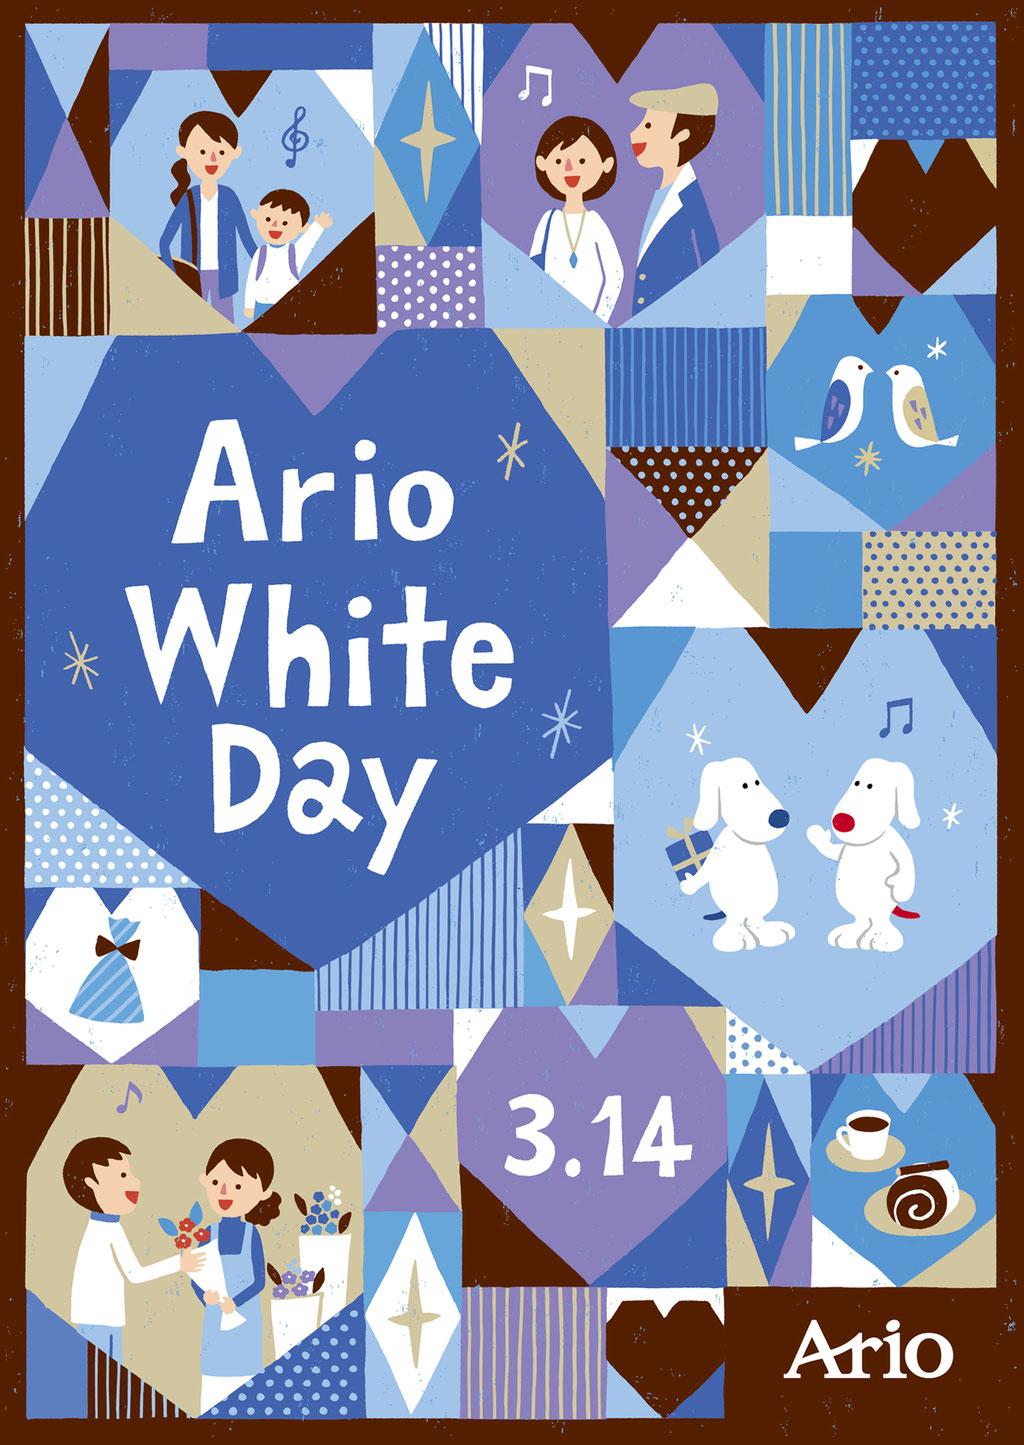 アリオ「ホワイトデー」キャンペーン